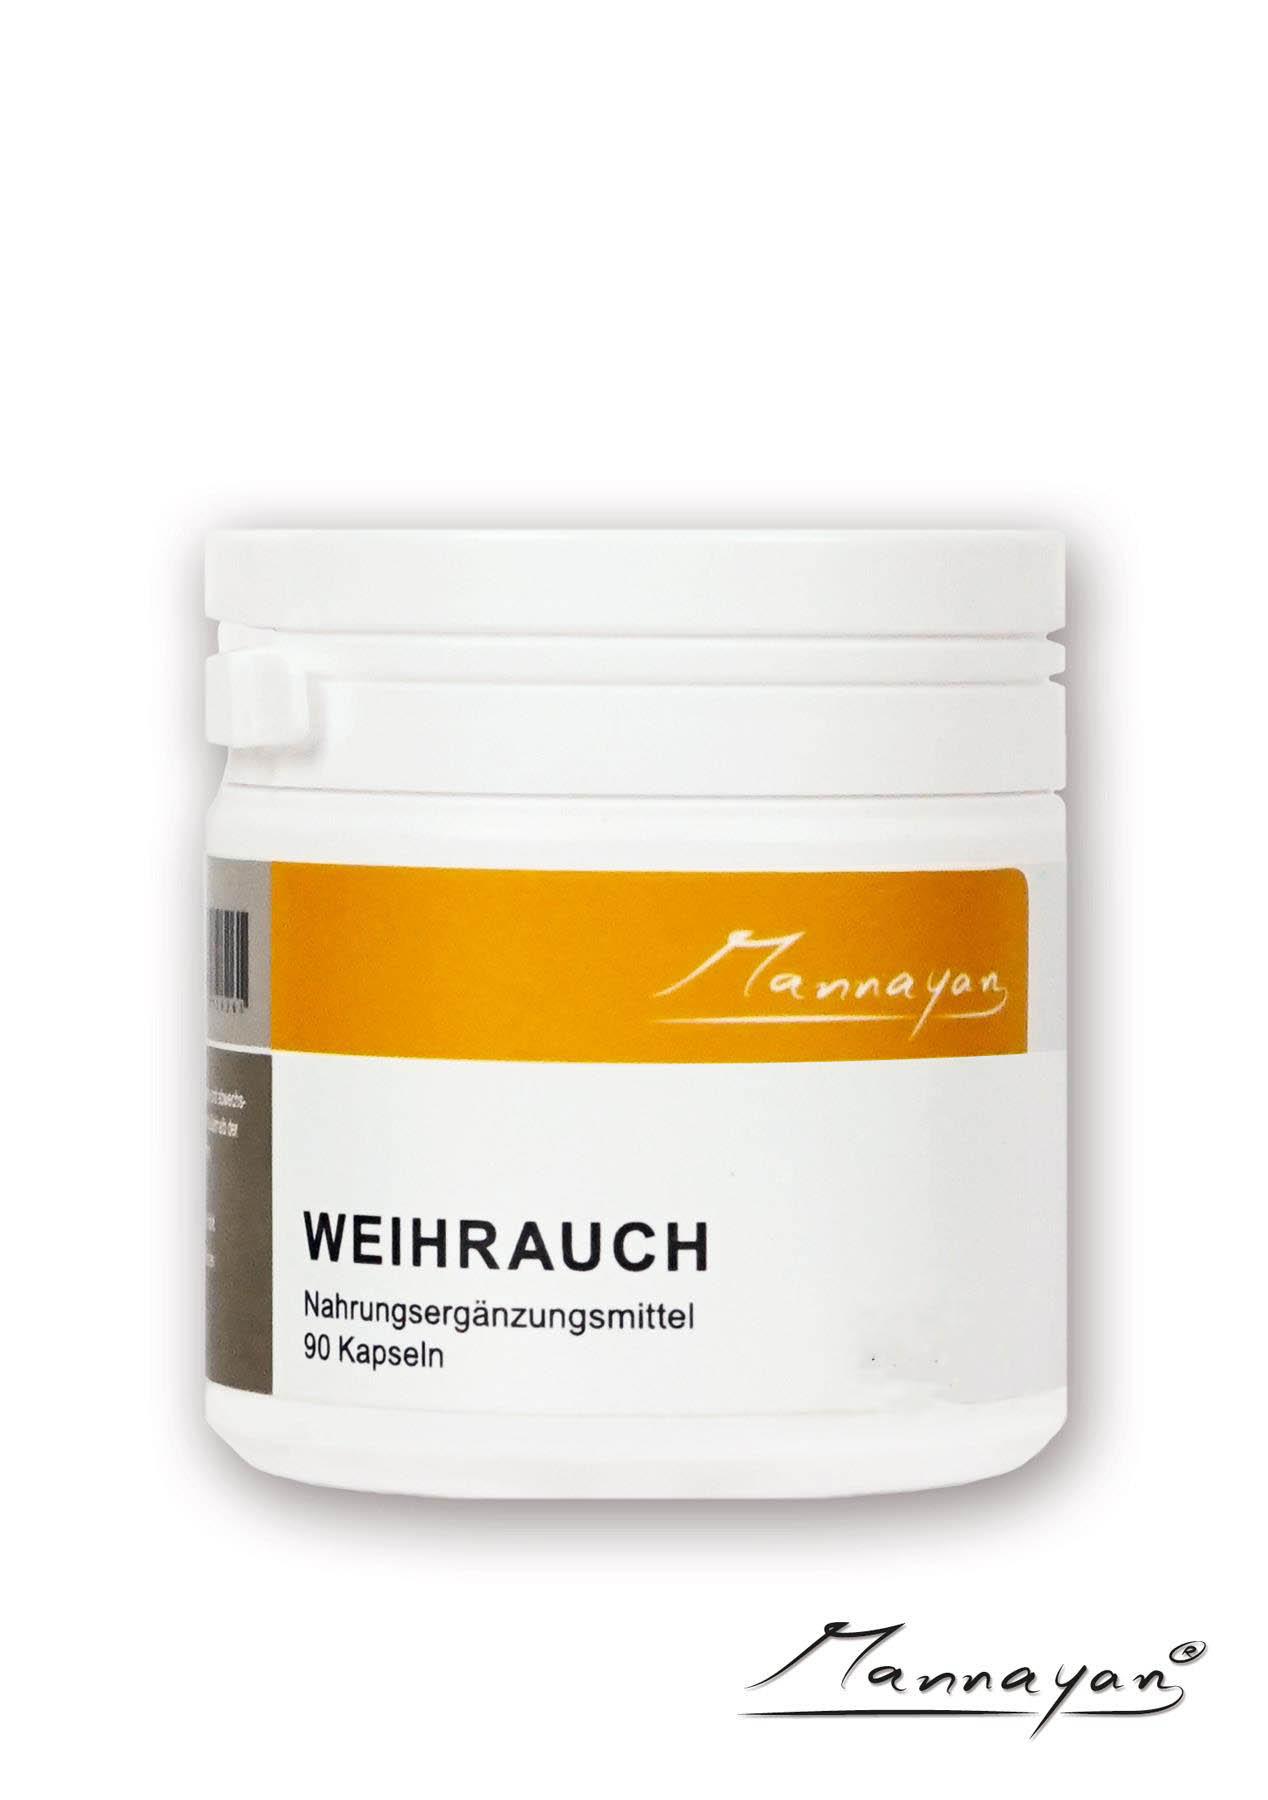 Weihrauch von Mannayan